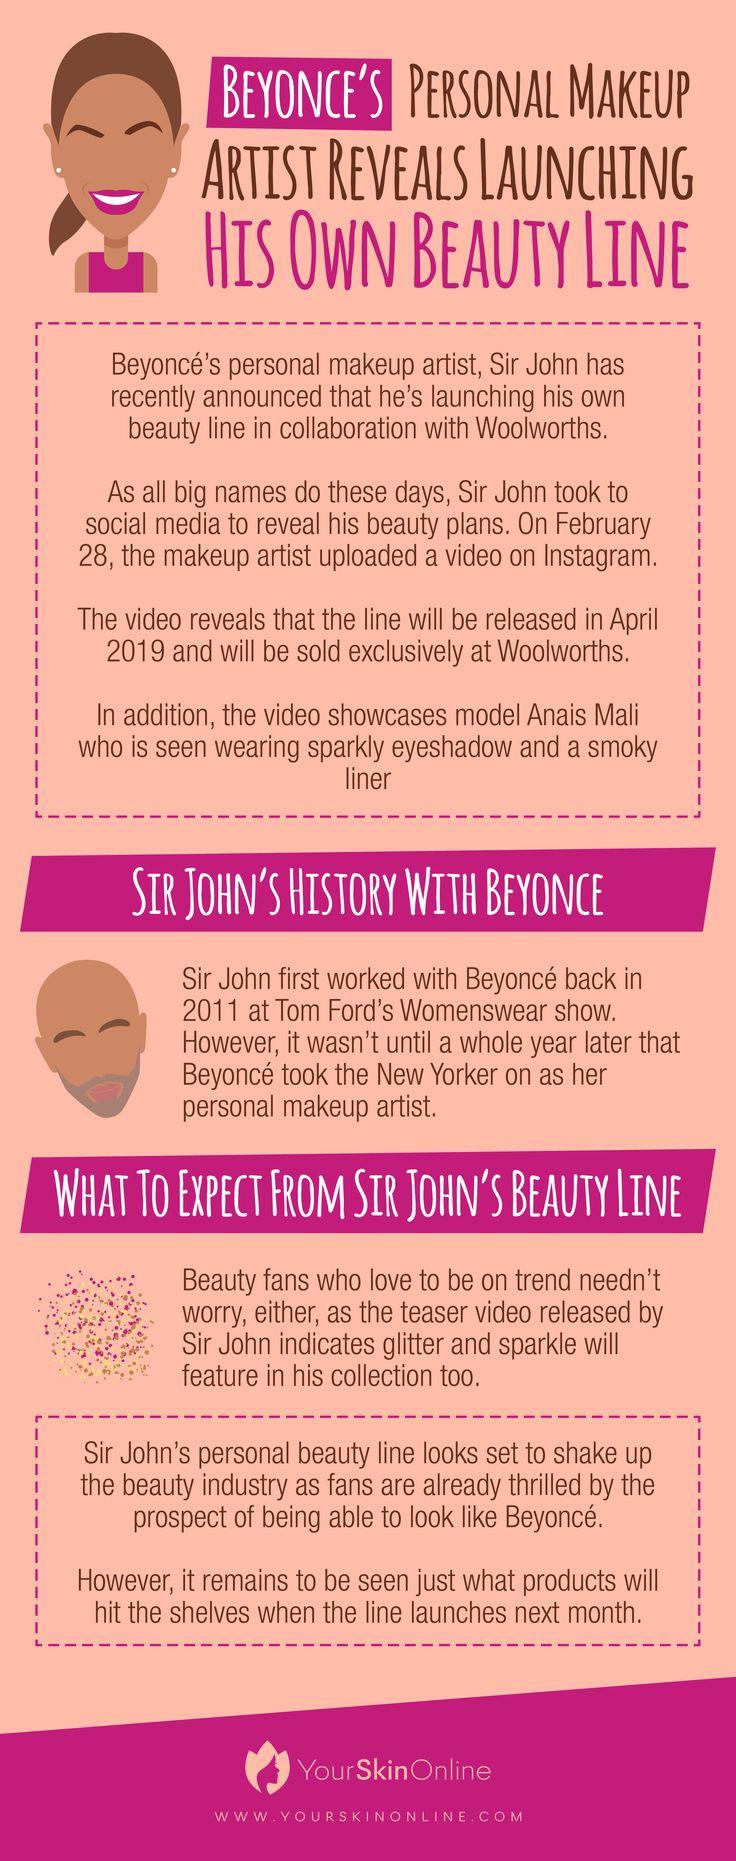 Beyoncé's personal makeup artist, Sir John has recently